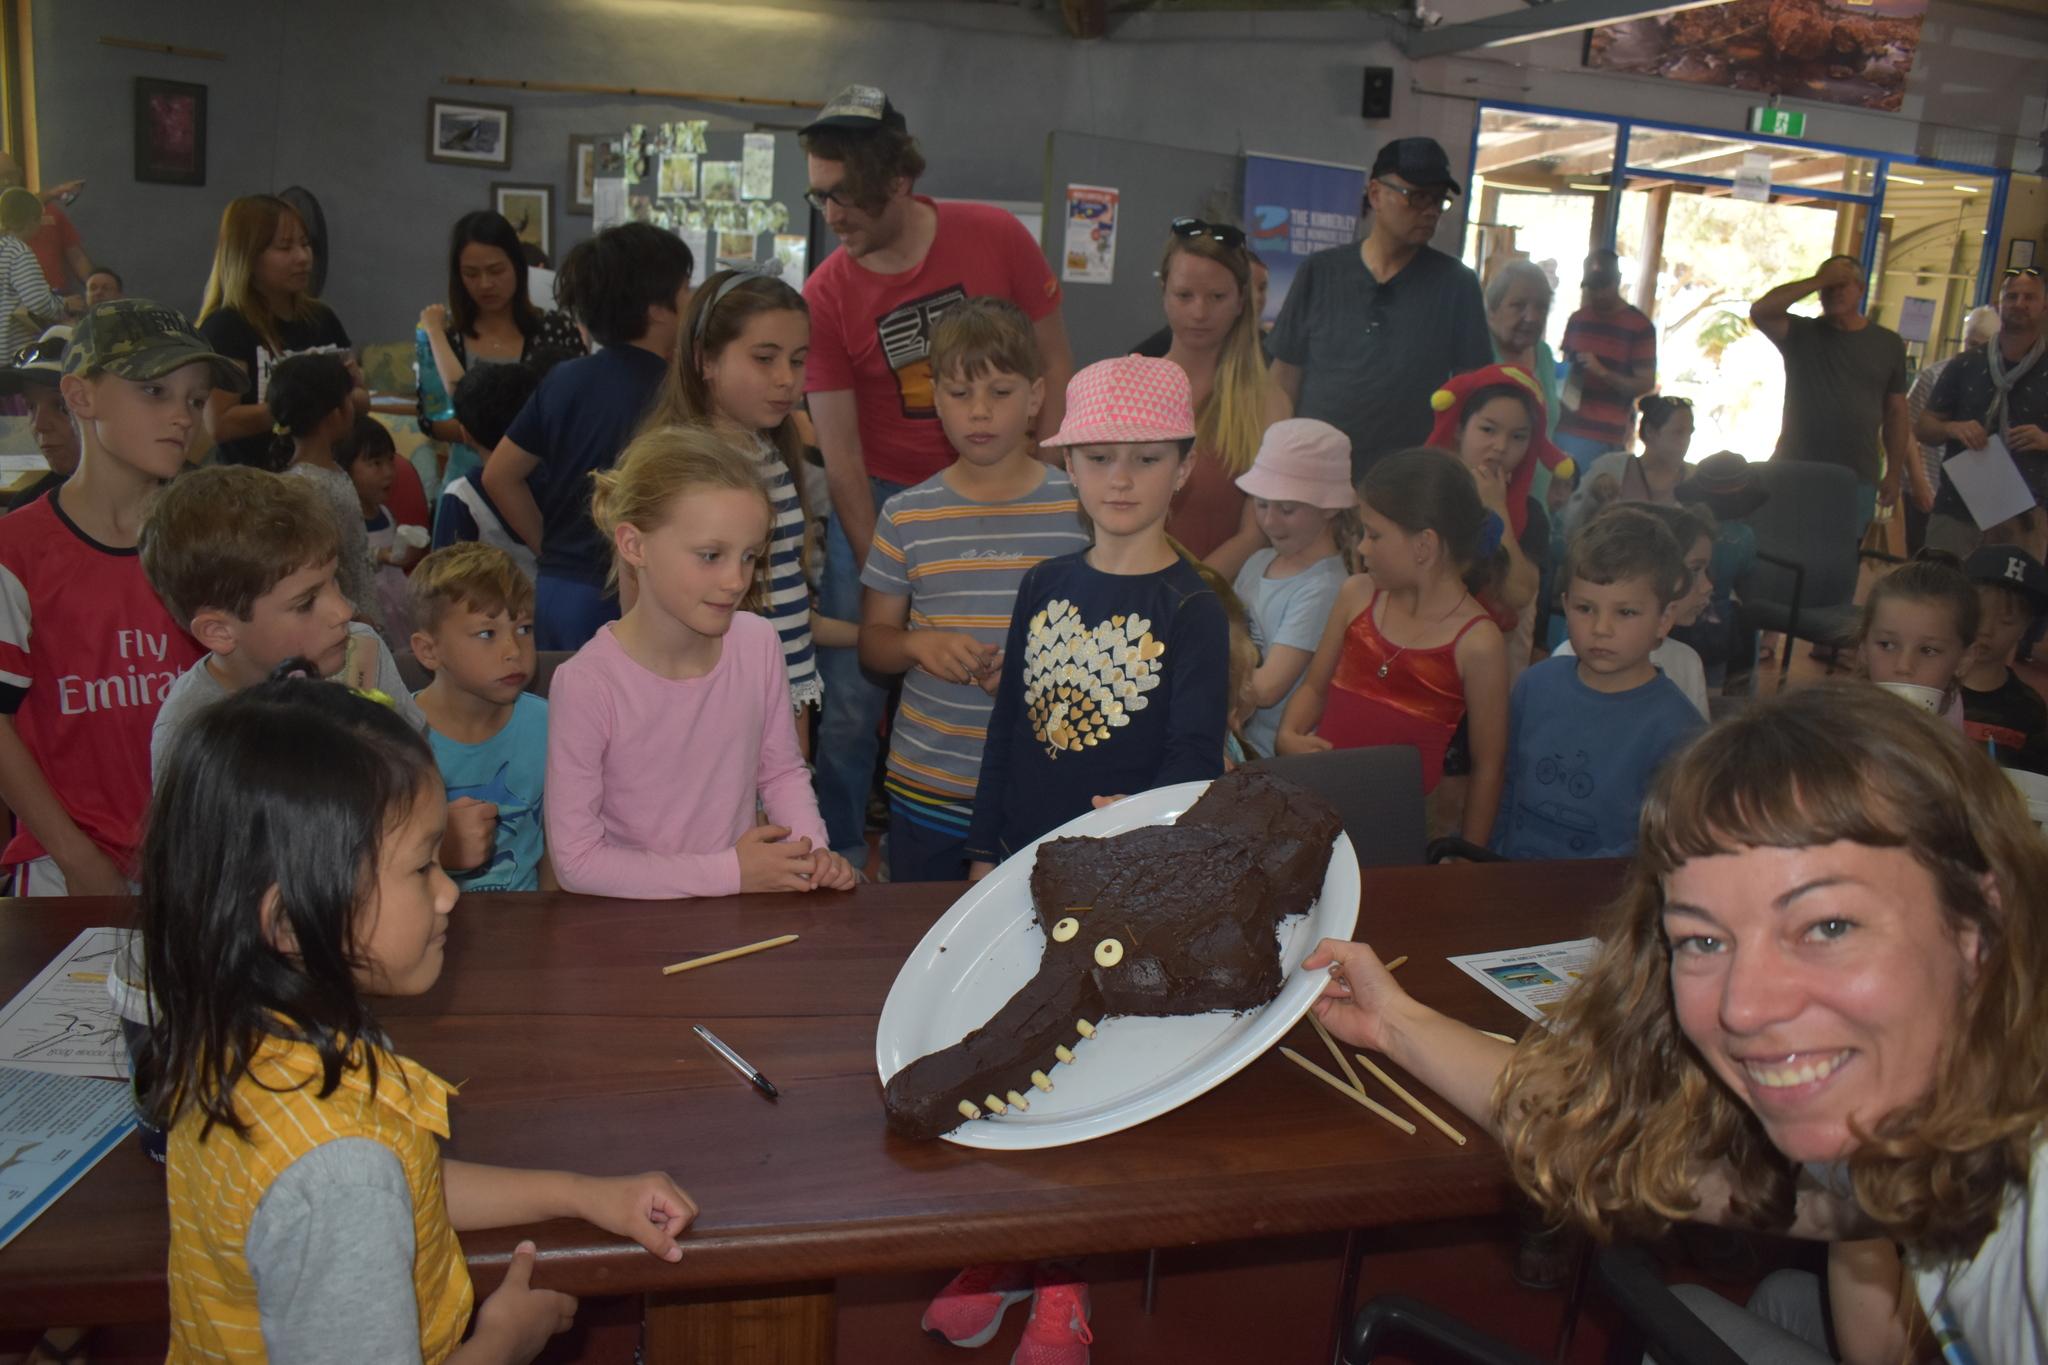 Eying up the sawfish choccy cake